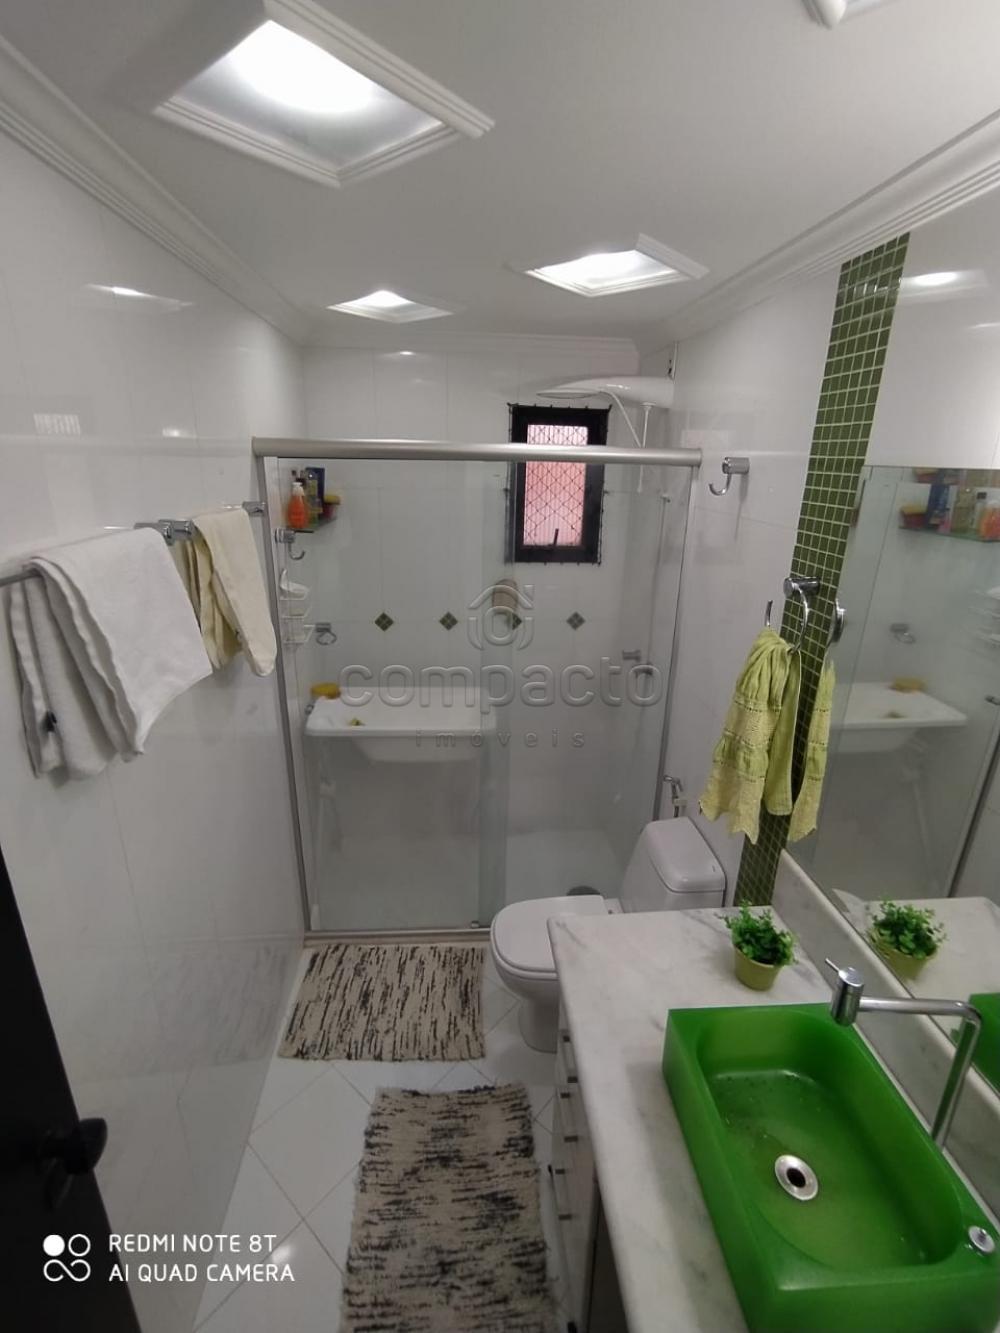 Comprar Apartamento / Padrão em São José do Rio Preto apenas R$ 615.000,00 - Foto 11